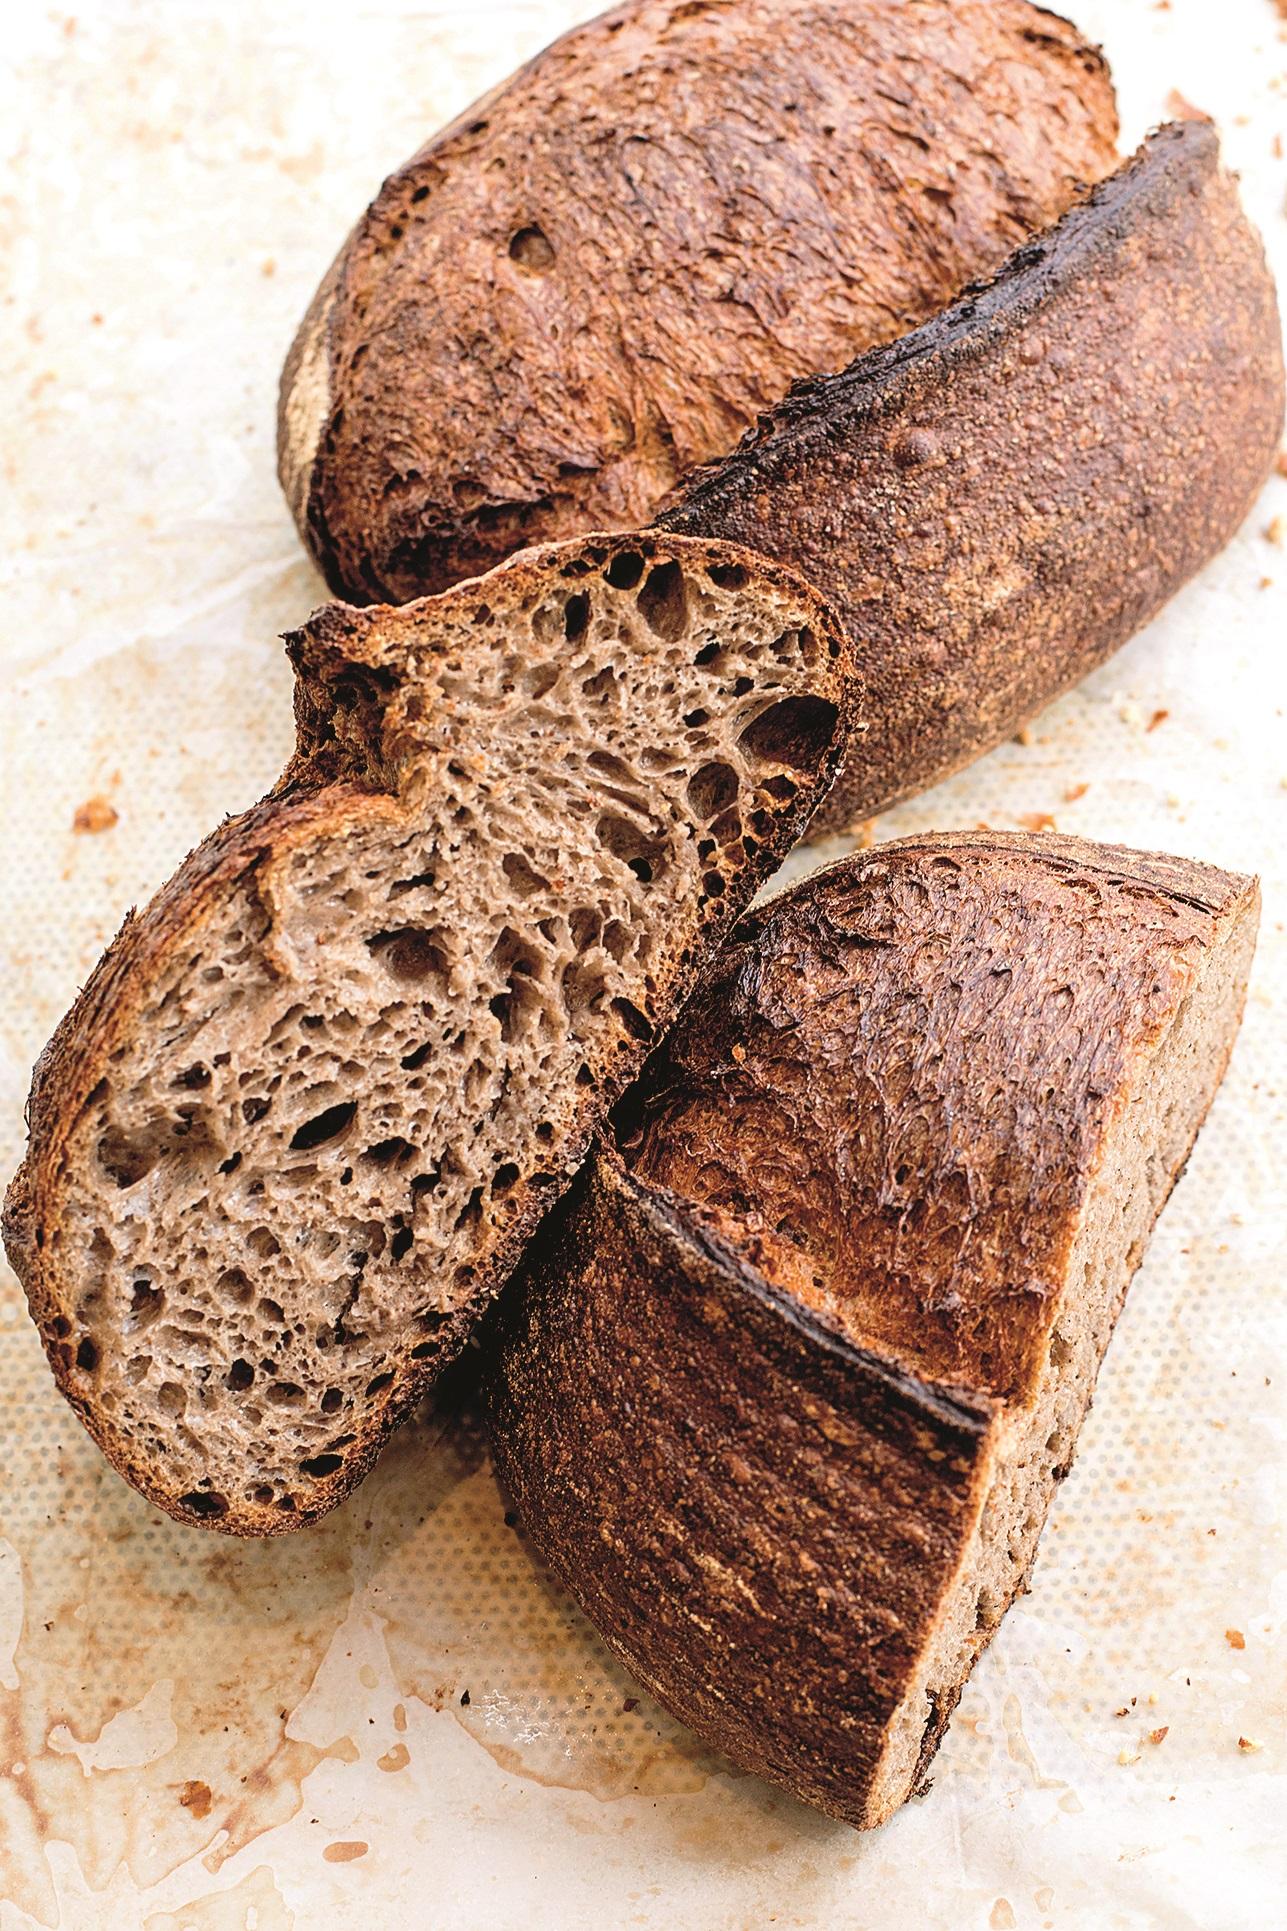 Zageb pekarna BREAD CLUB 15072020 Bread club Foto Mario Kucera